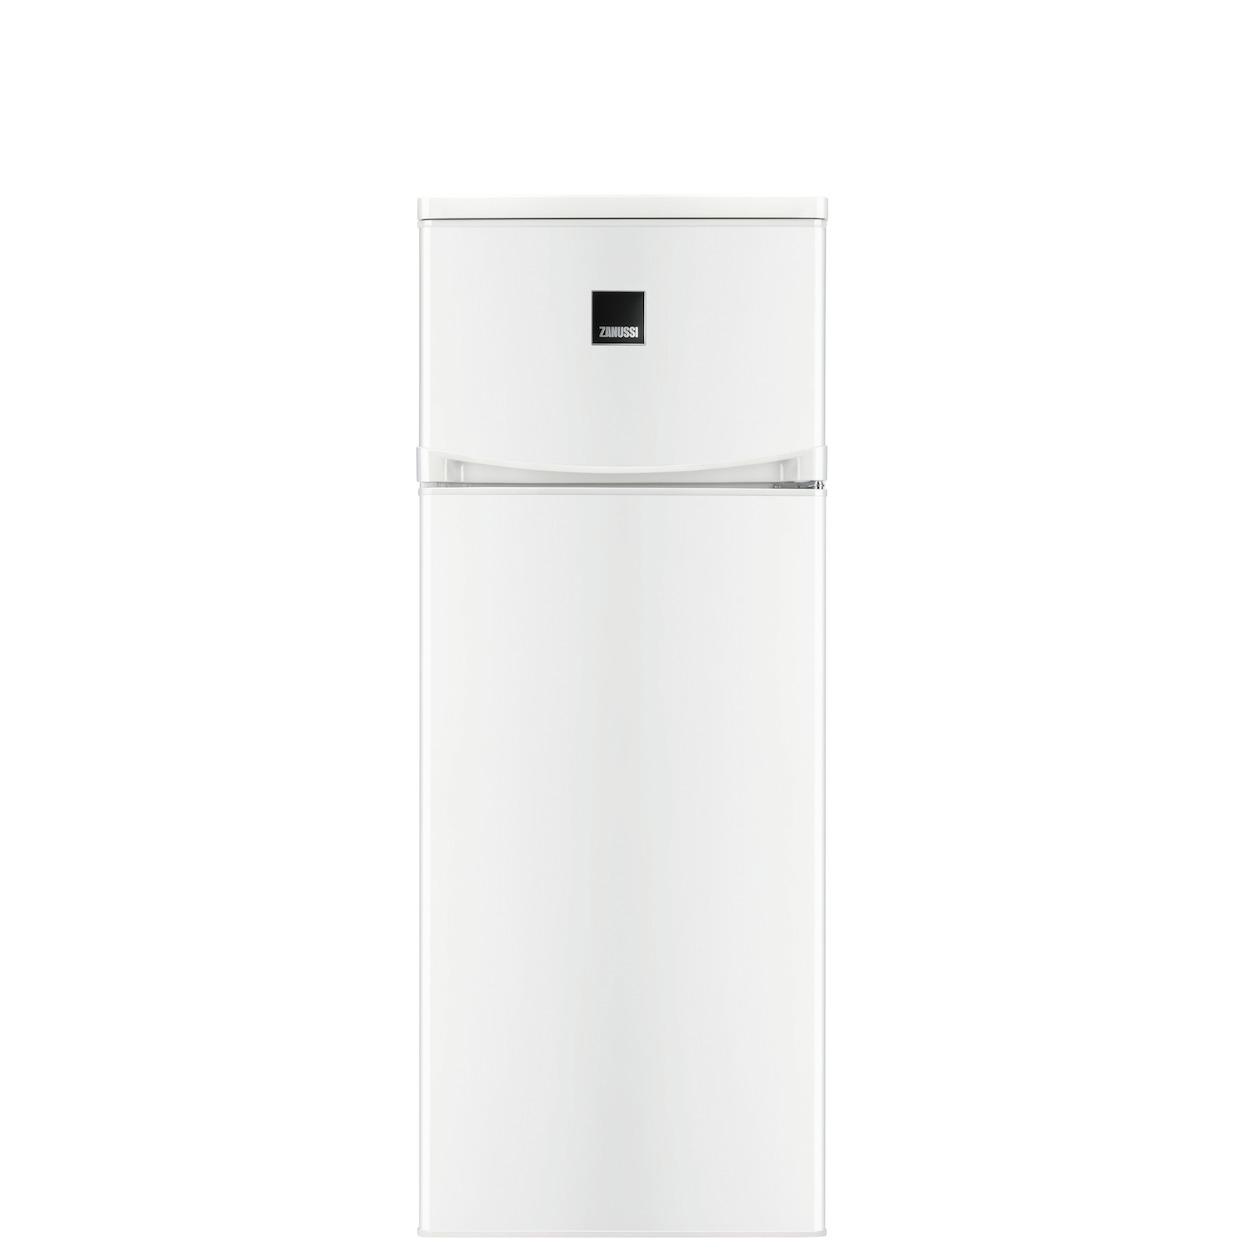 Zanussi koelkast met vriesvak ZRT27100WA